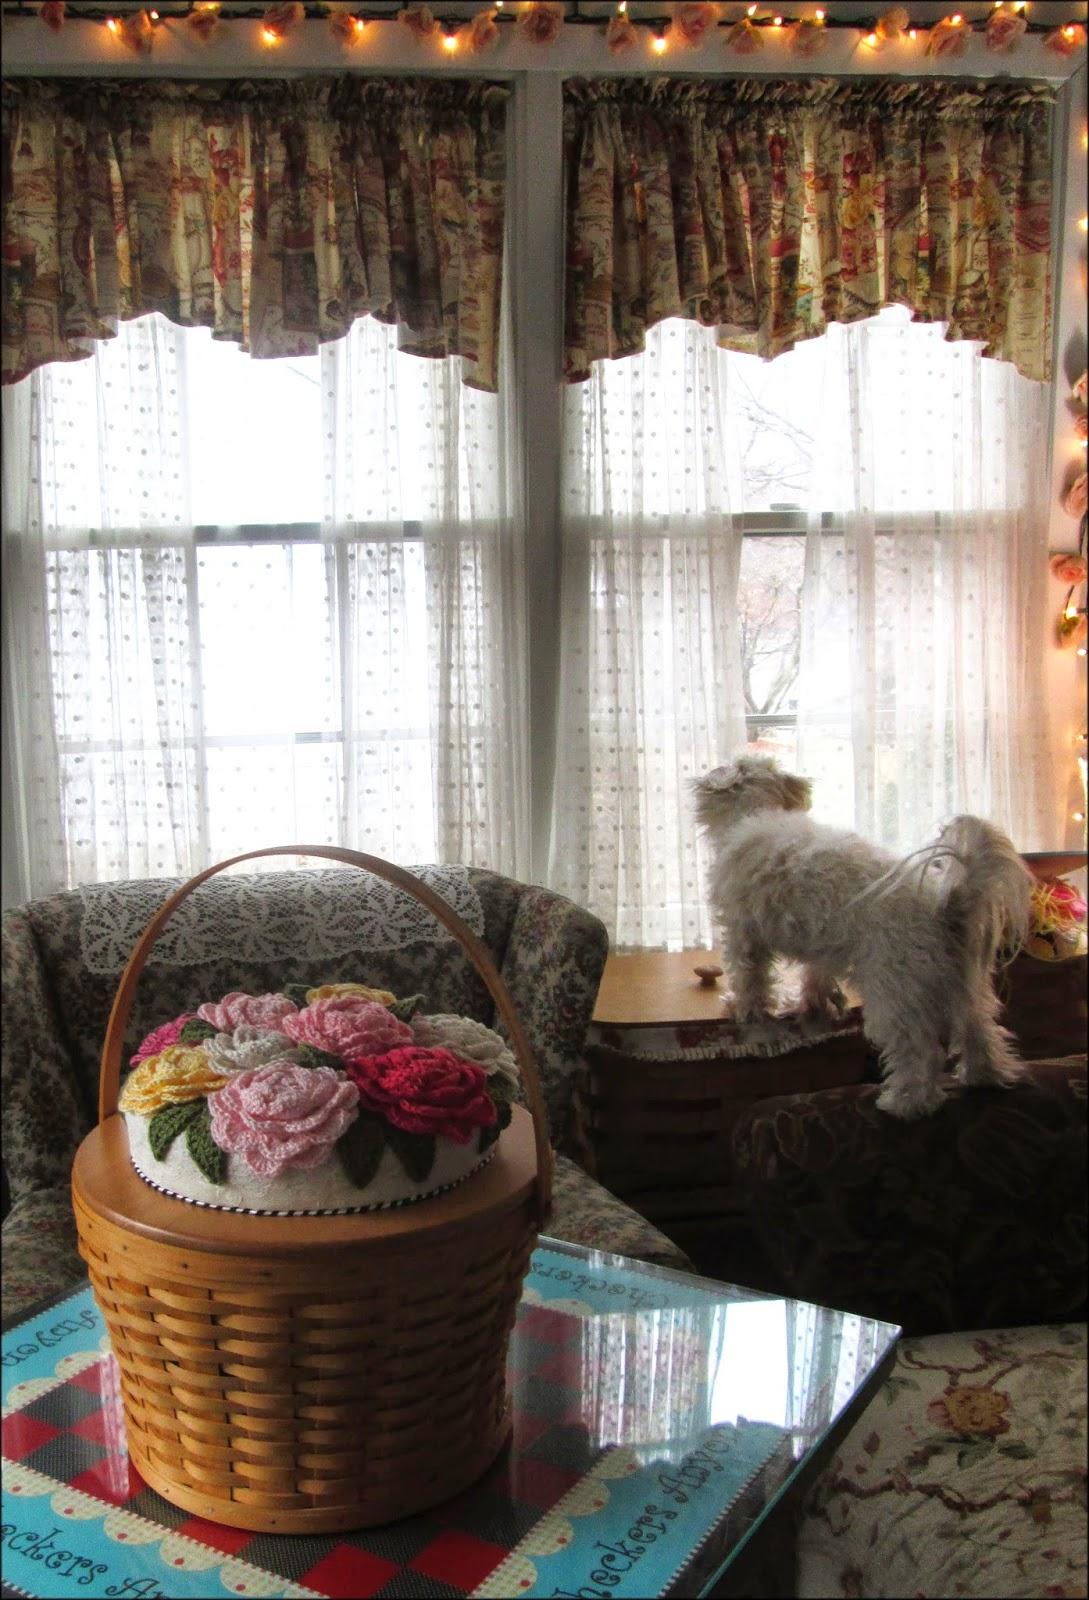 Costco Easter Baskets: Cute Stuff Inside: CROCHET FLOWER BASKET